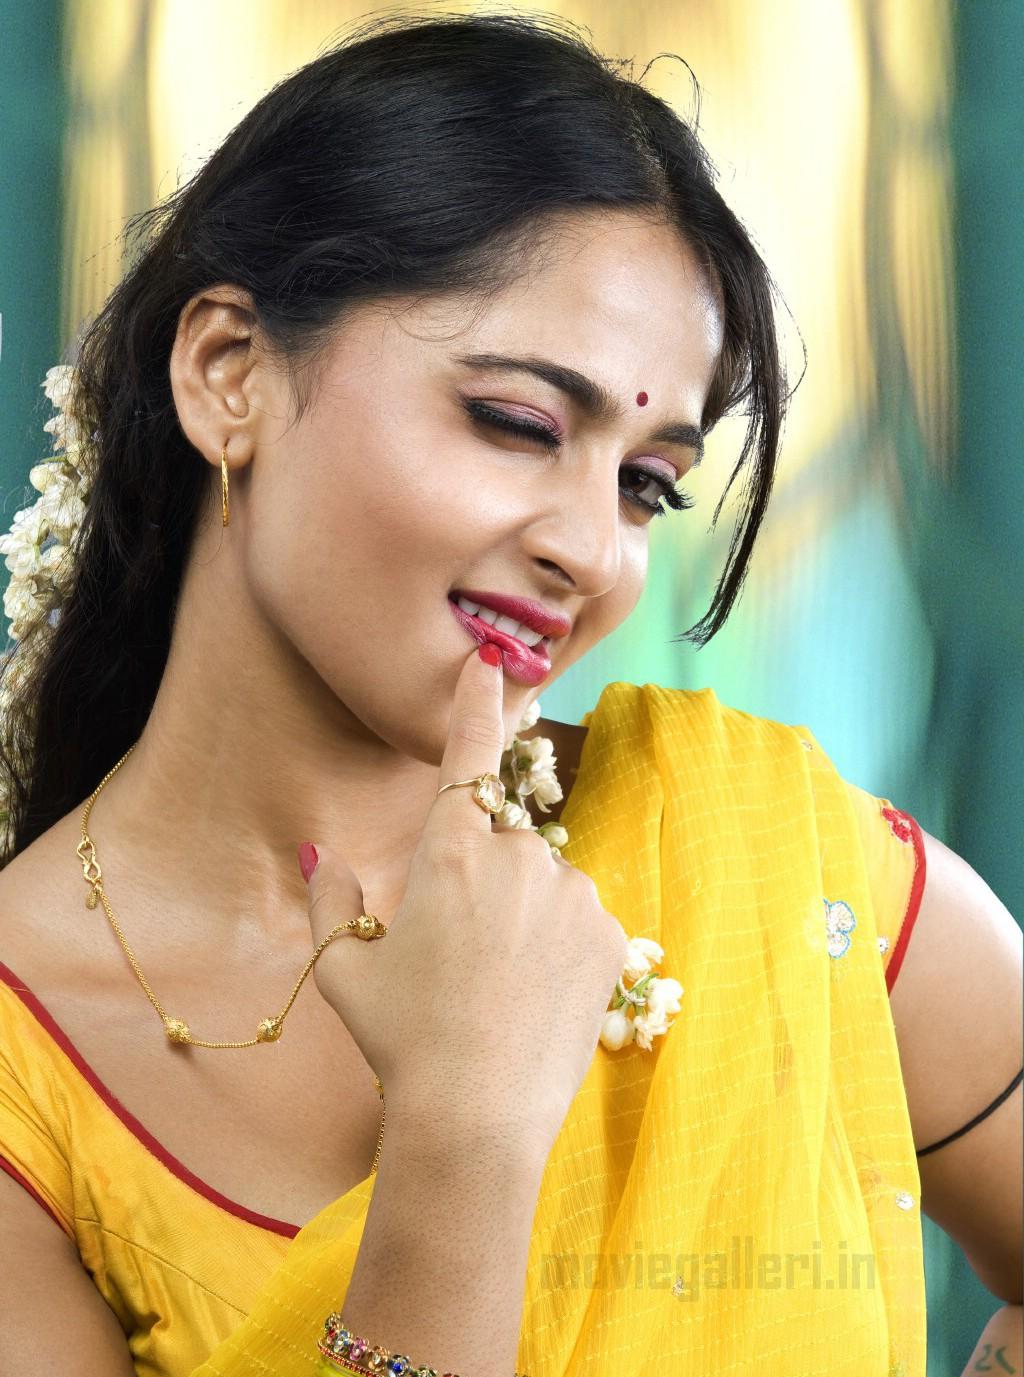 Anushka Hot Vedam Telugu Movie Wallpapers, Vedam movie Wallpapers | New Movie Posters